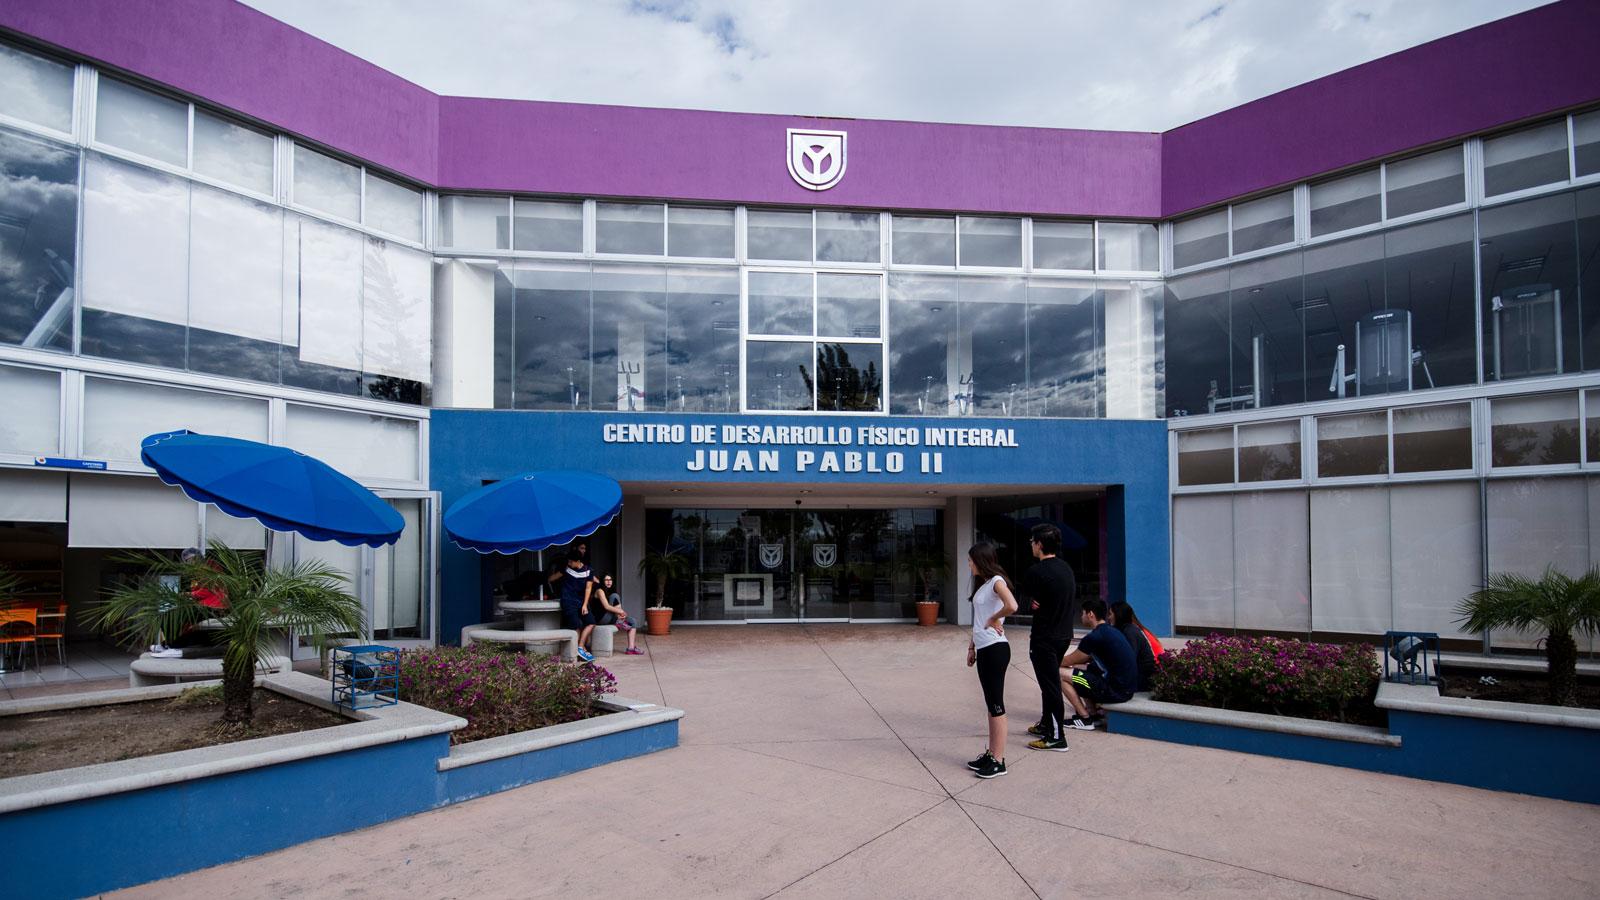 Universidad del Valle de Atemajac - mejores univiersidades guadalajara mexico